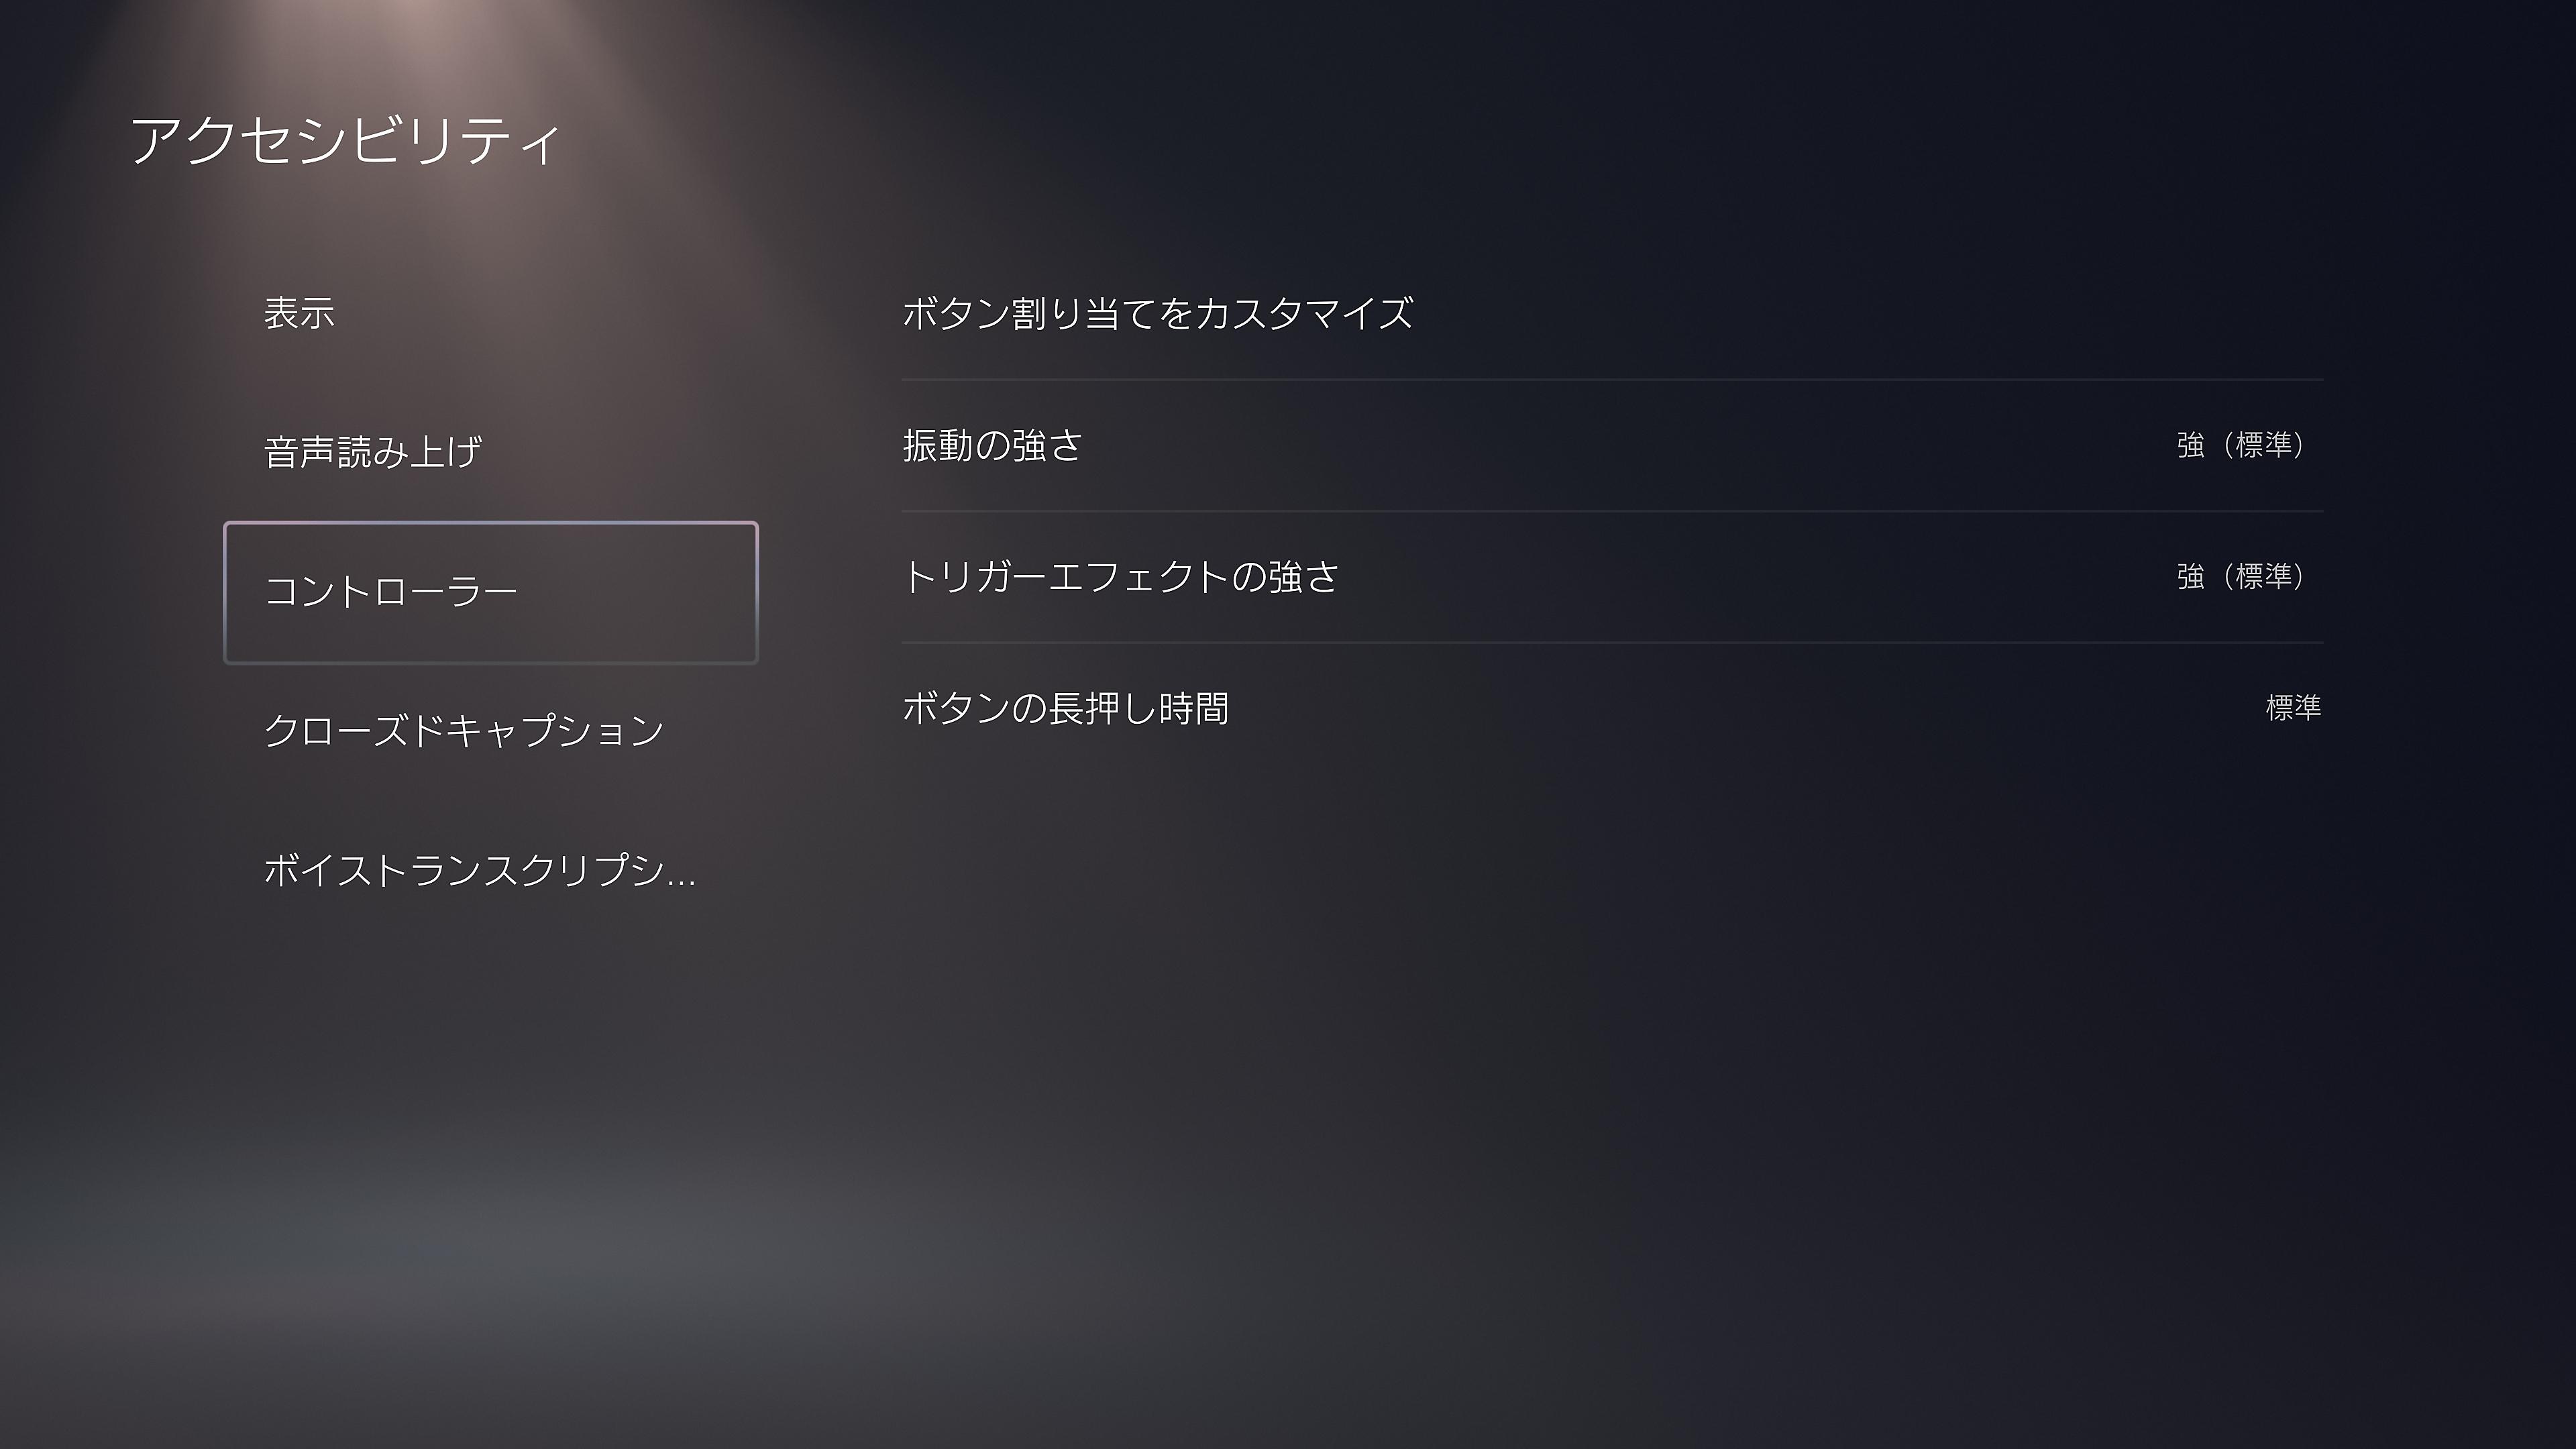 PS5アクセシビリティ - コントローラー設定